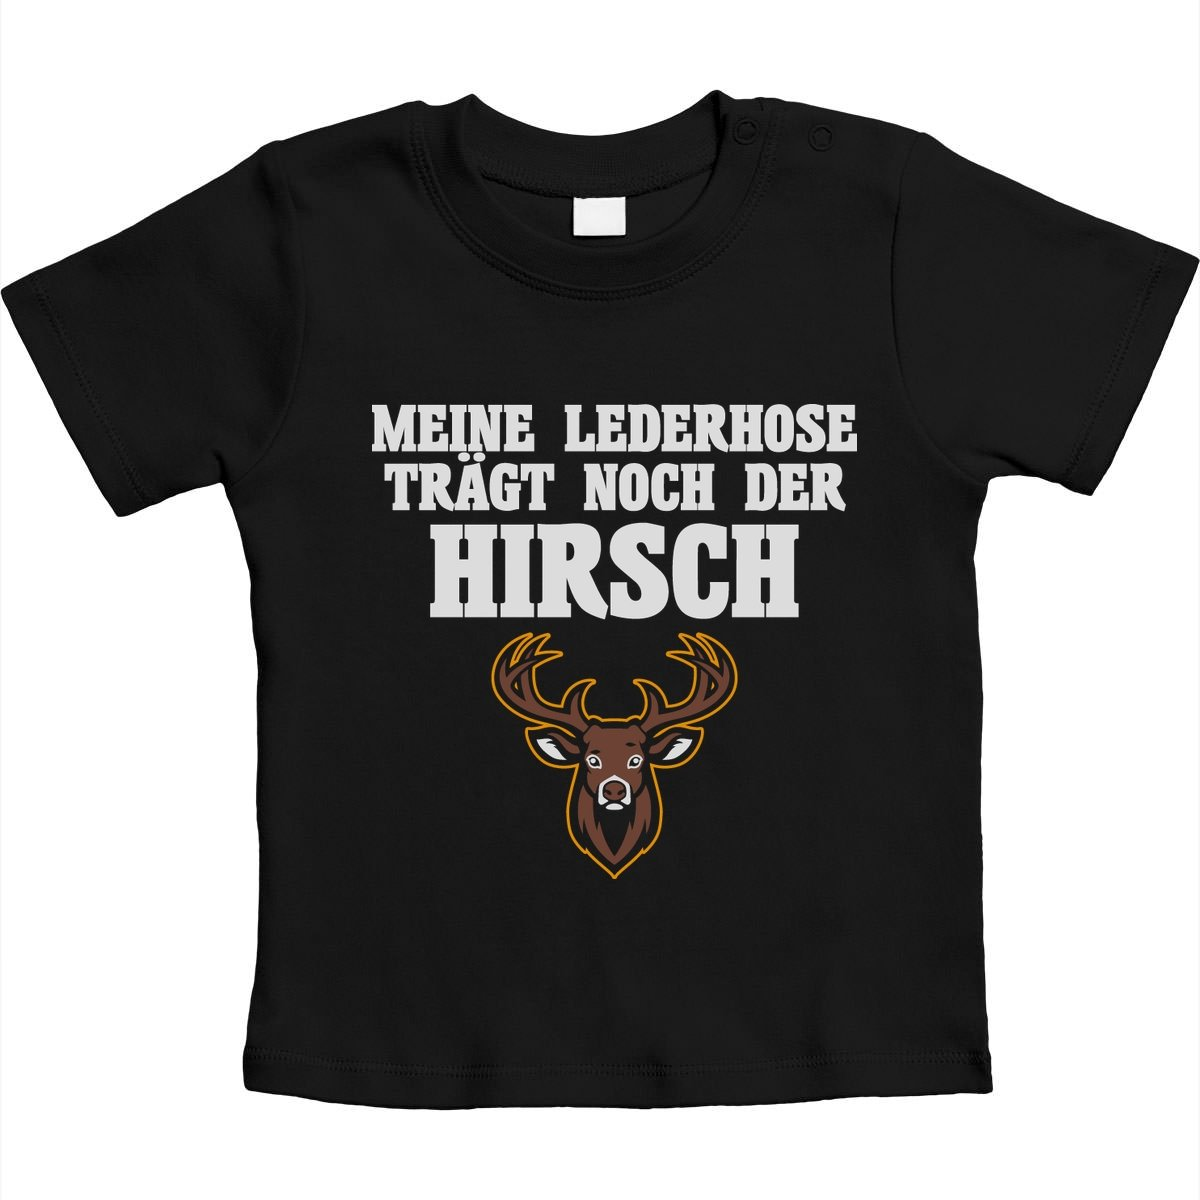 Meine Lederhose Tr/ägt Noch Der Hirsch Unisex Baby T-Shirt Gr 66-93